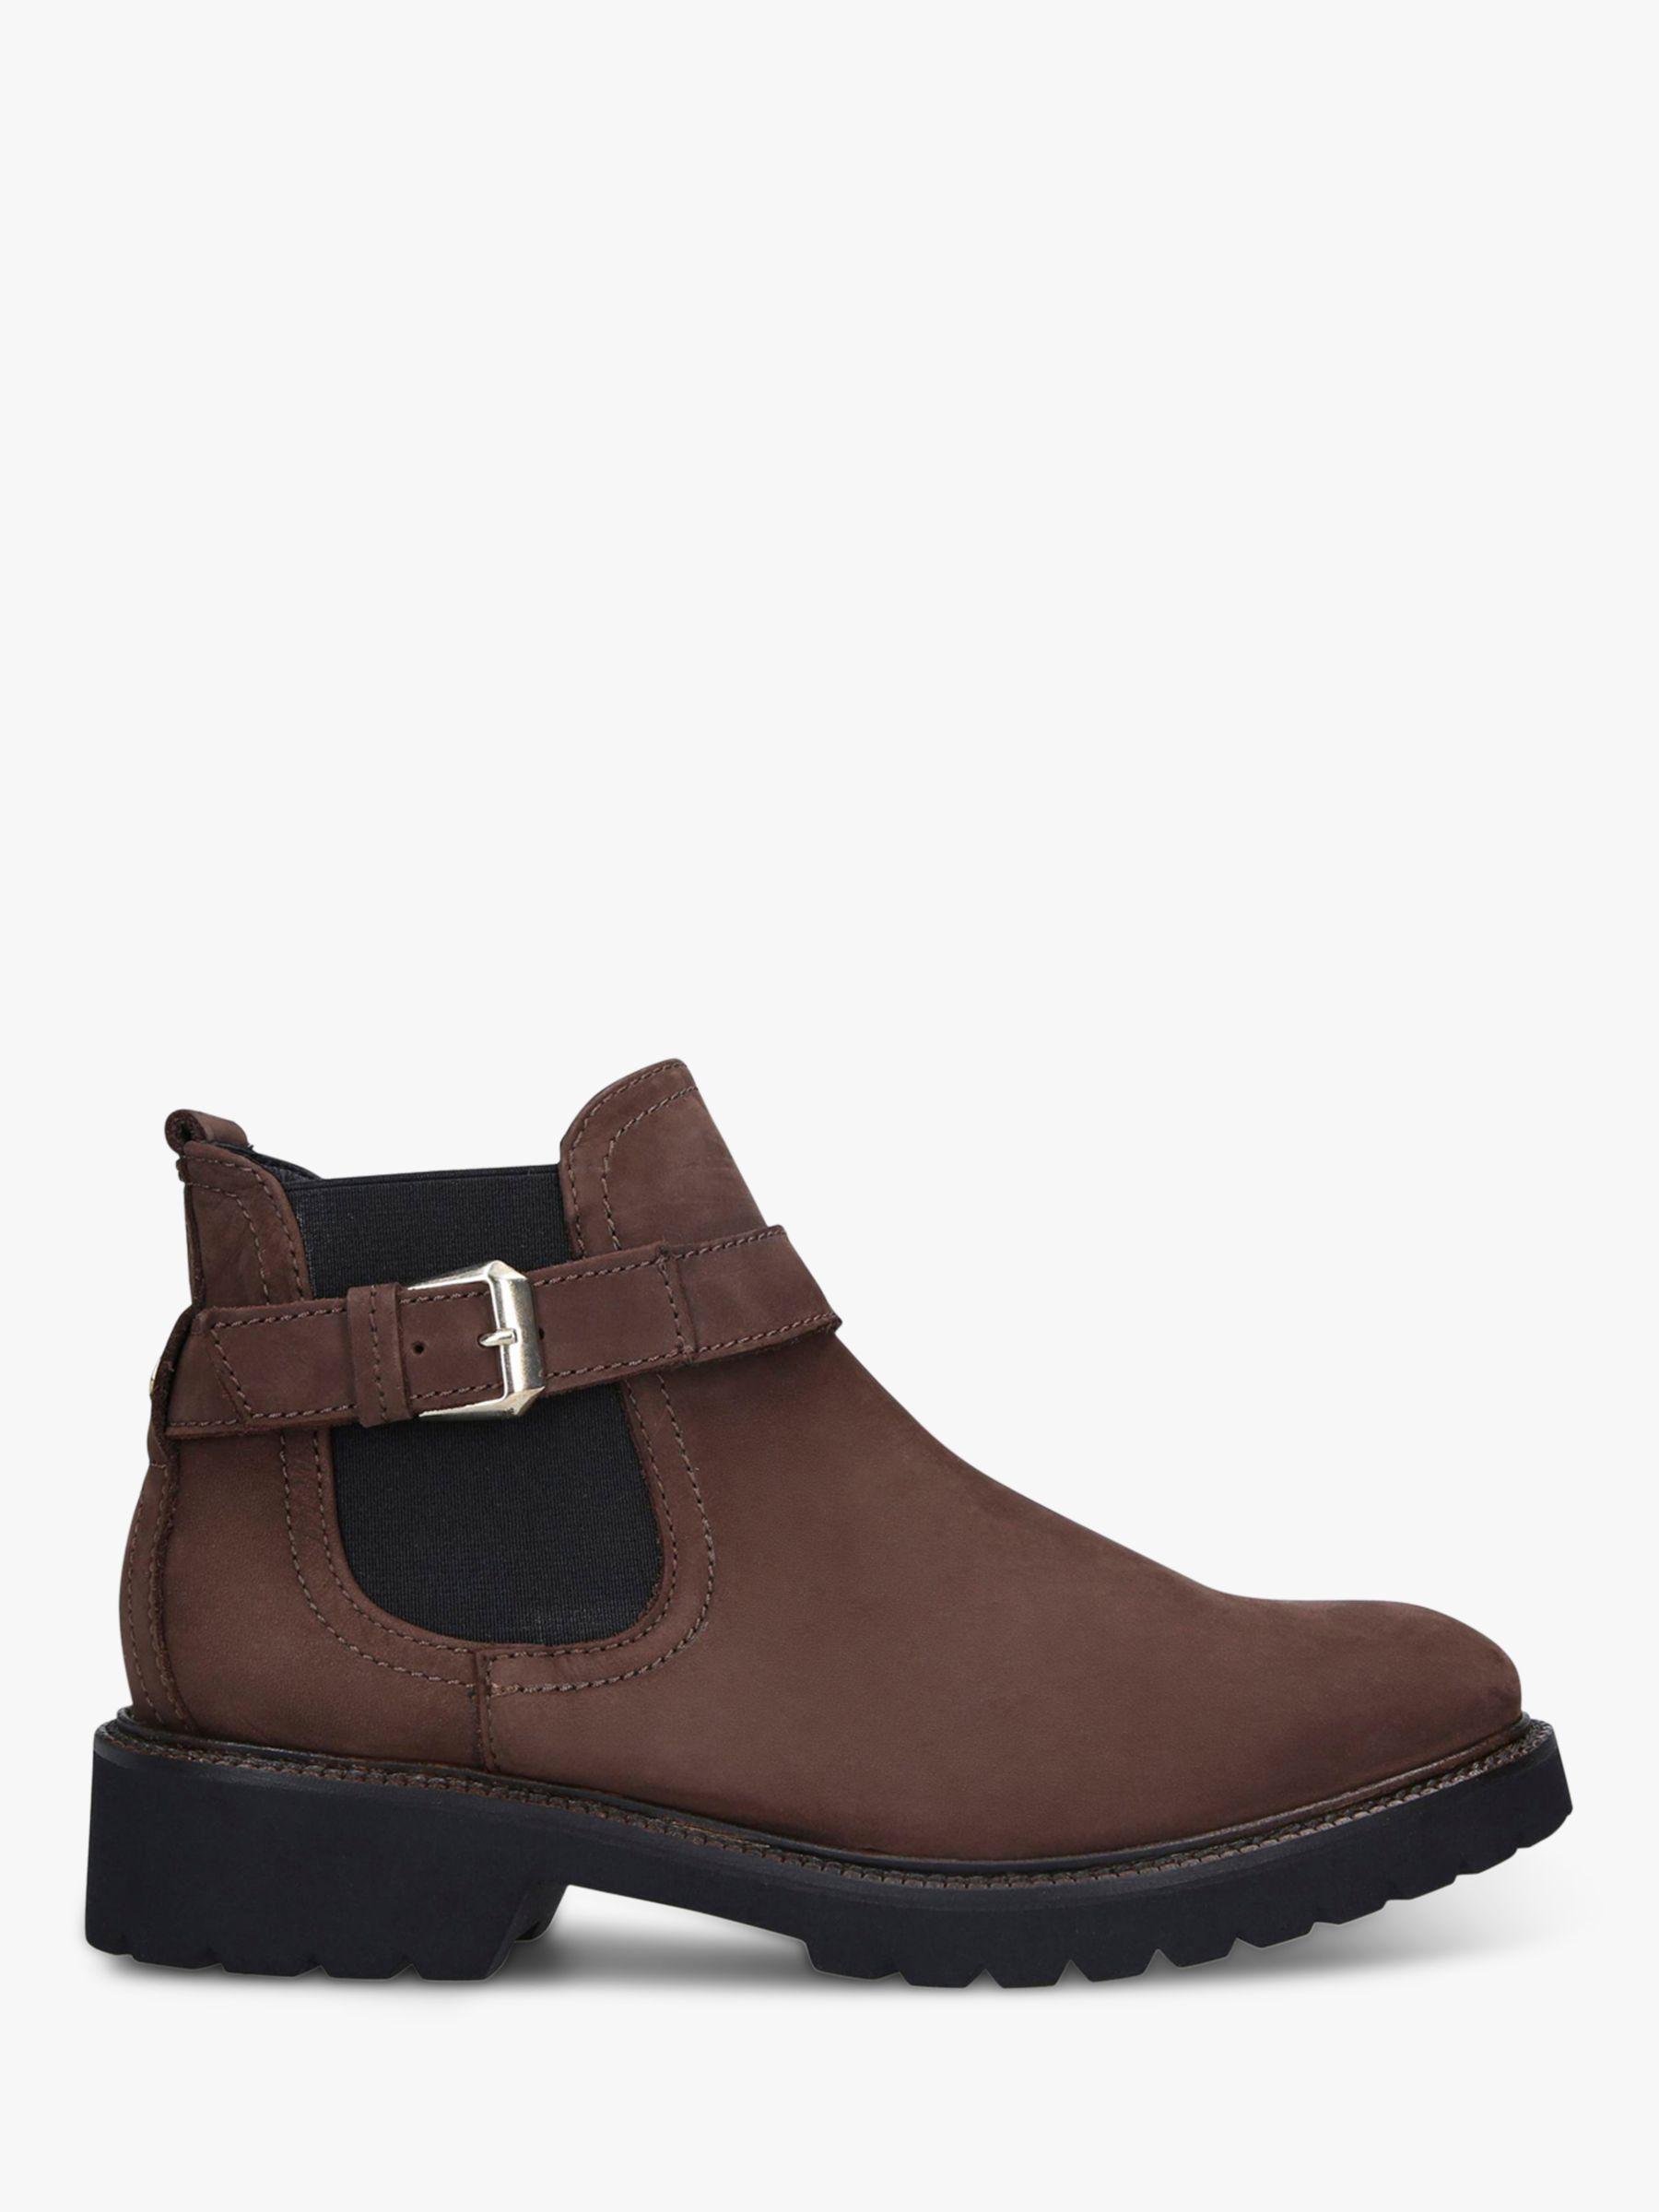 Carvela Comfort Carvela Comfort Radiant Leather Ankle Boots, Brown